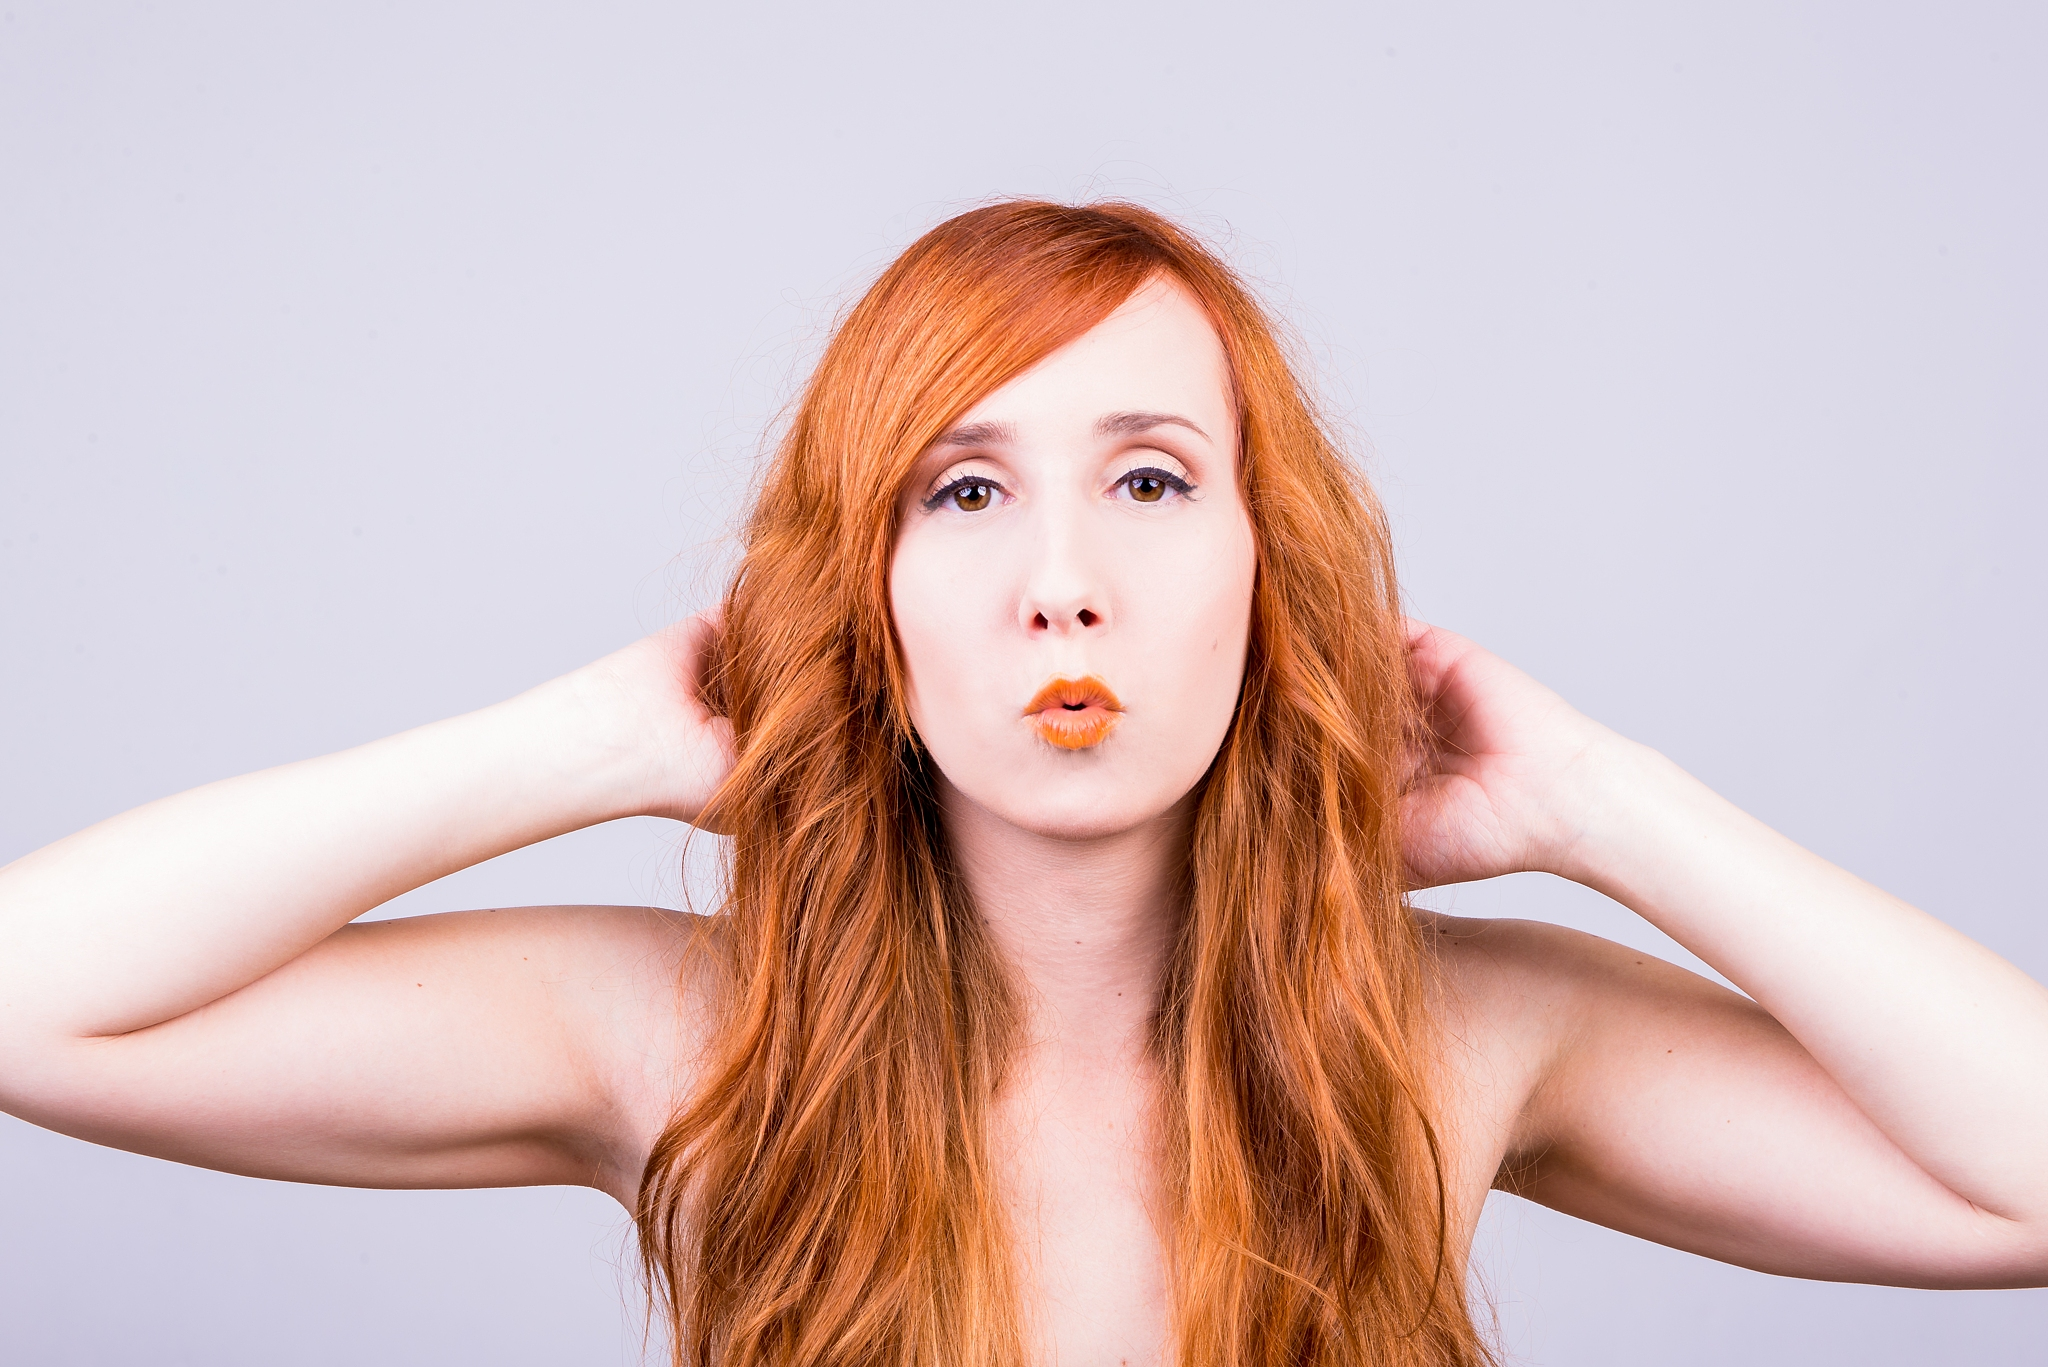 Autoportrét aneb jak se vyfotit hezky, snadno a rychle